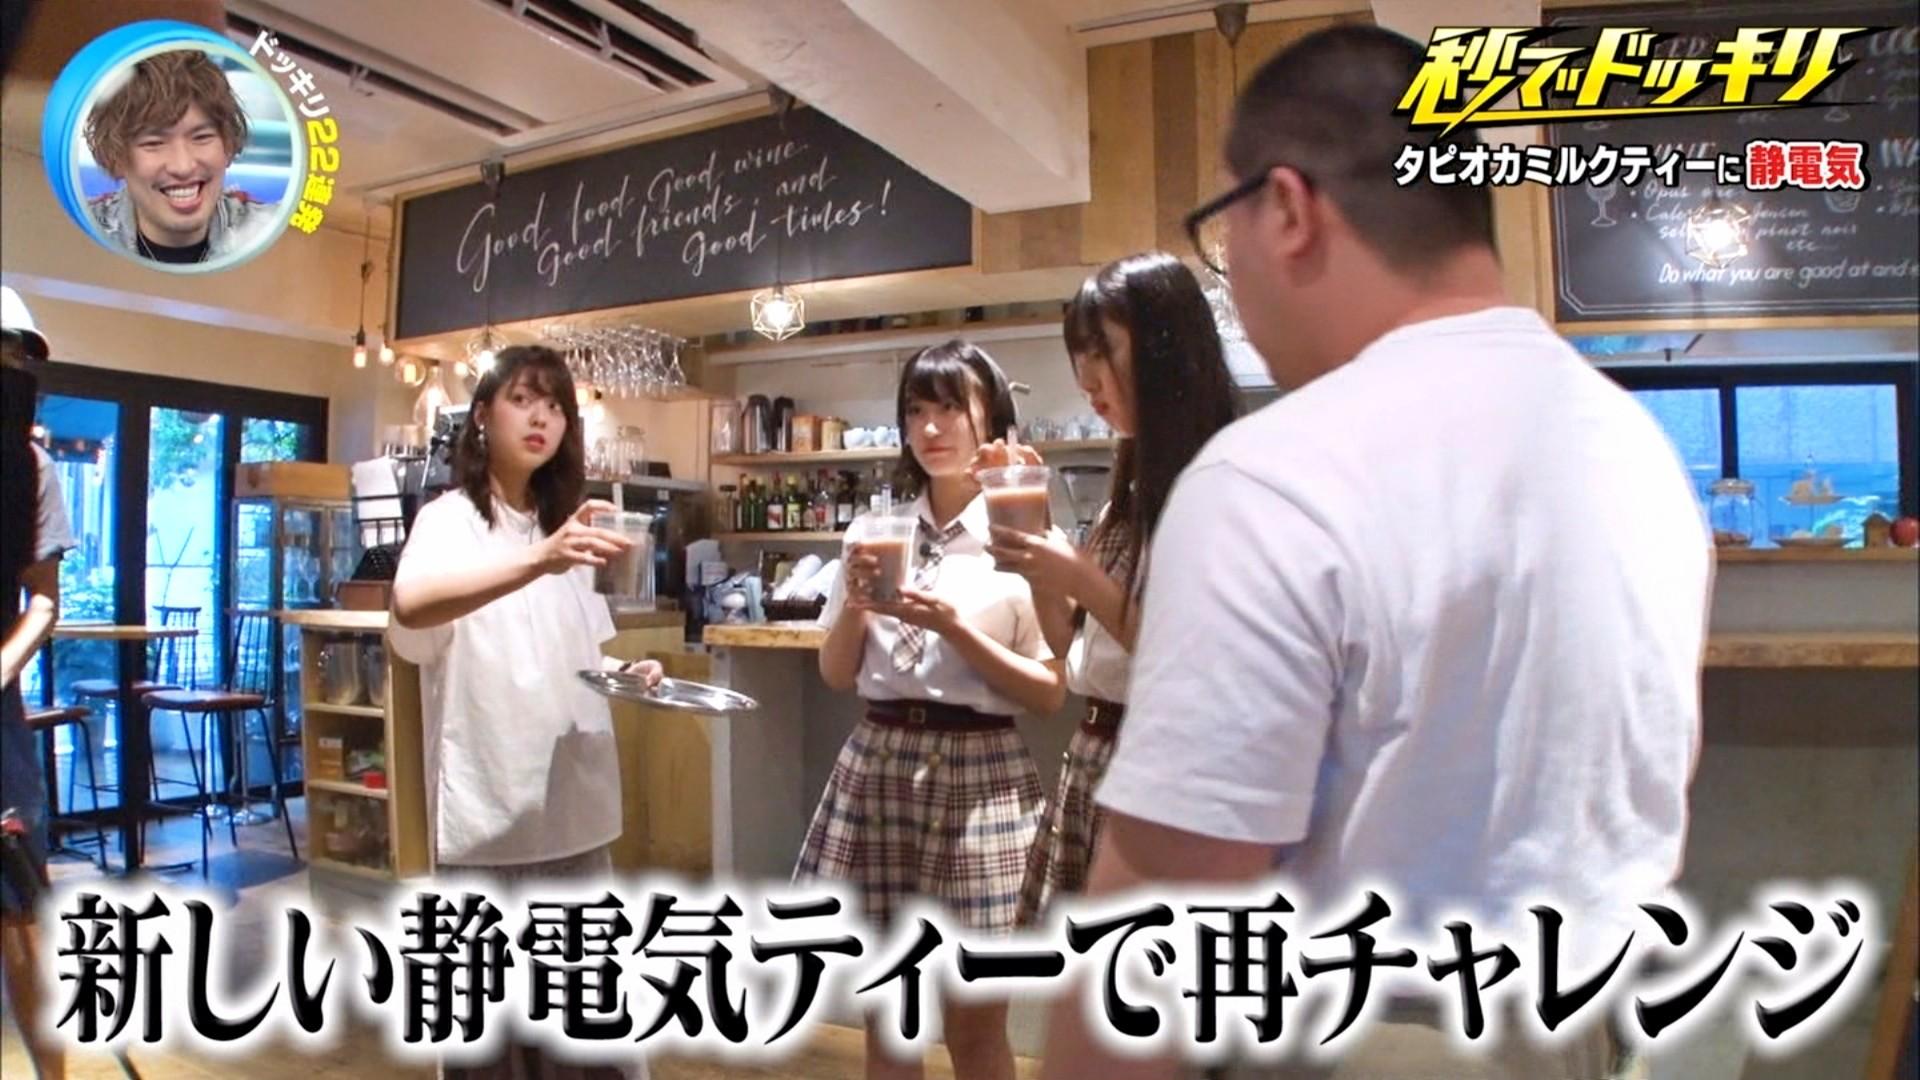 2019年11月30日にフジテレビ系列でほうそうされた「芸能人が本気で考えた!ドッキリGP」に出演したNMB48上西怜・大田莉央奈の画像-025